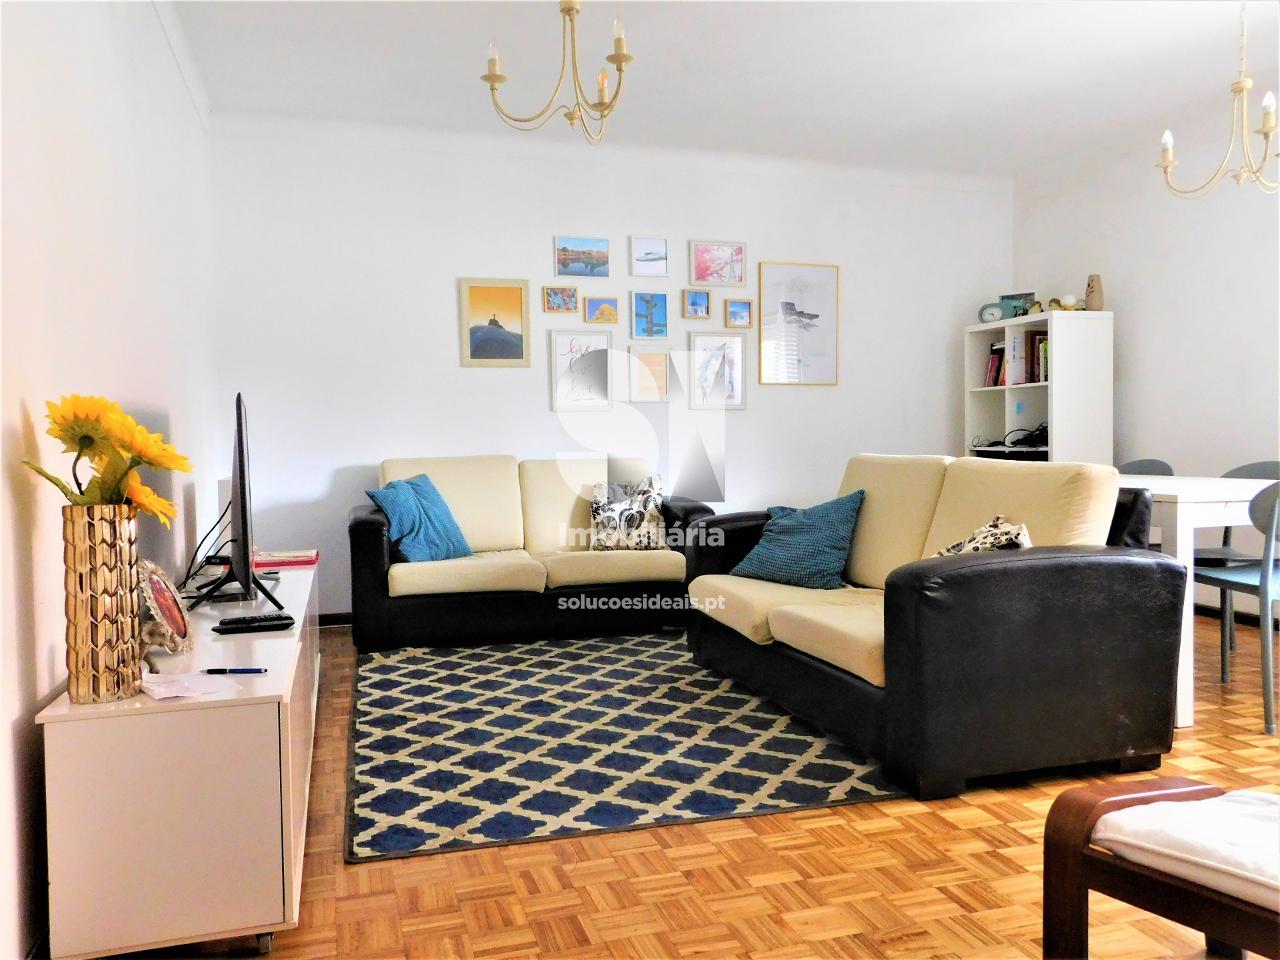 apartamento t22 para compra em aveiro esgueira AVGLB1837